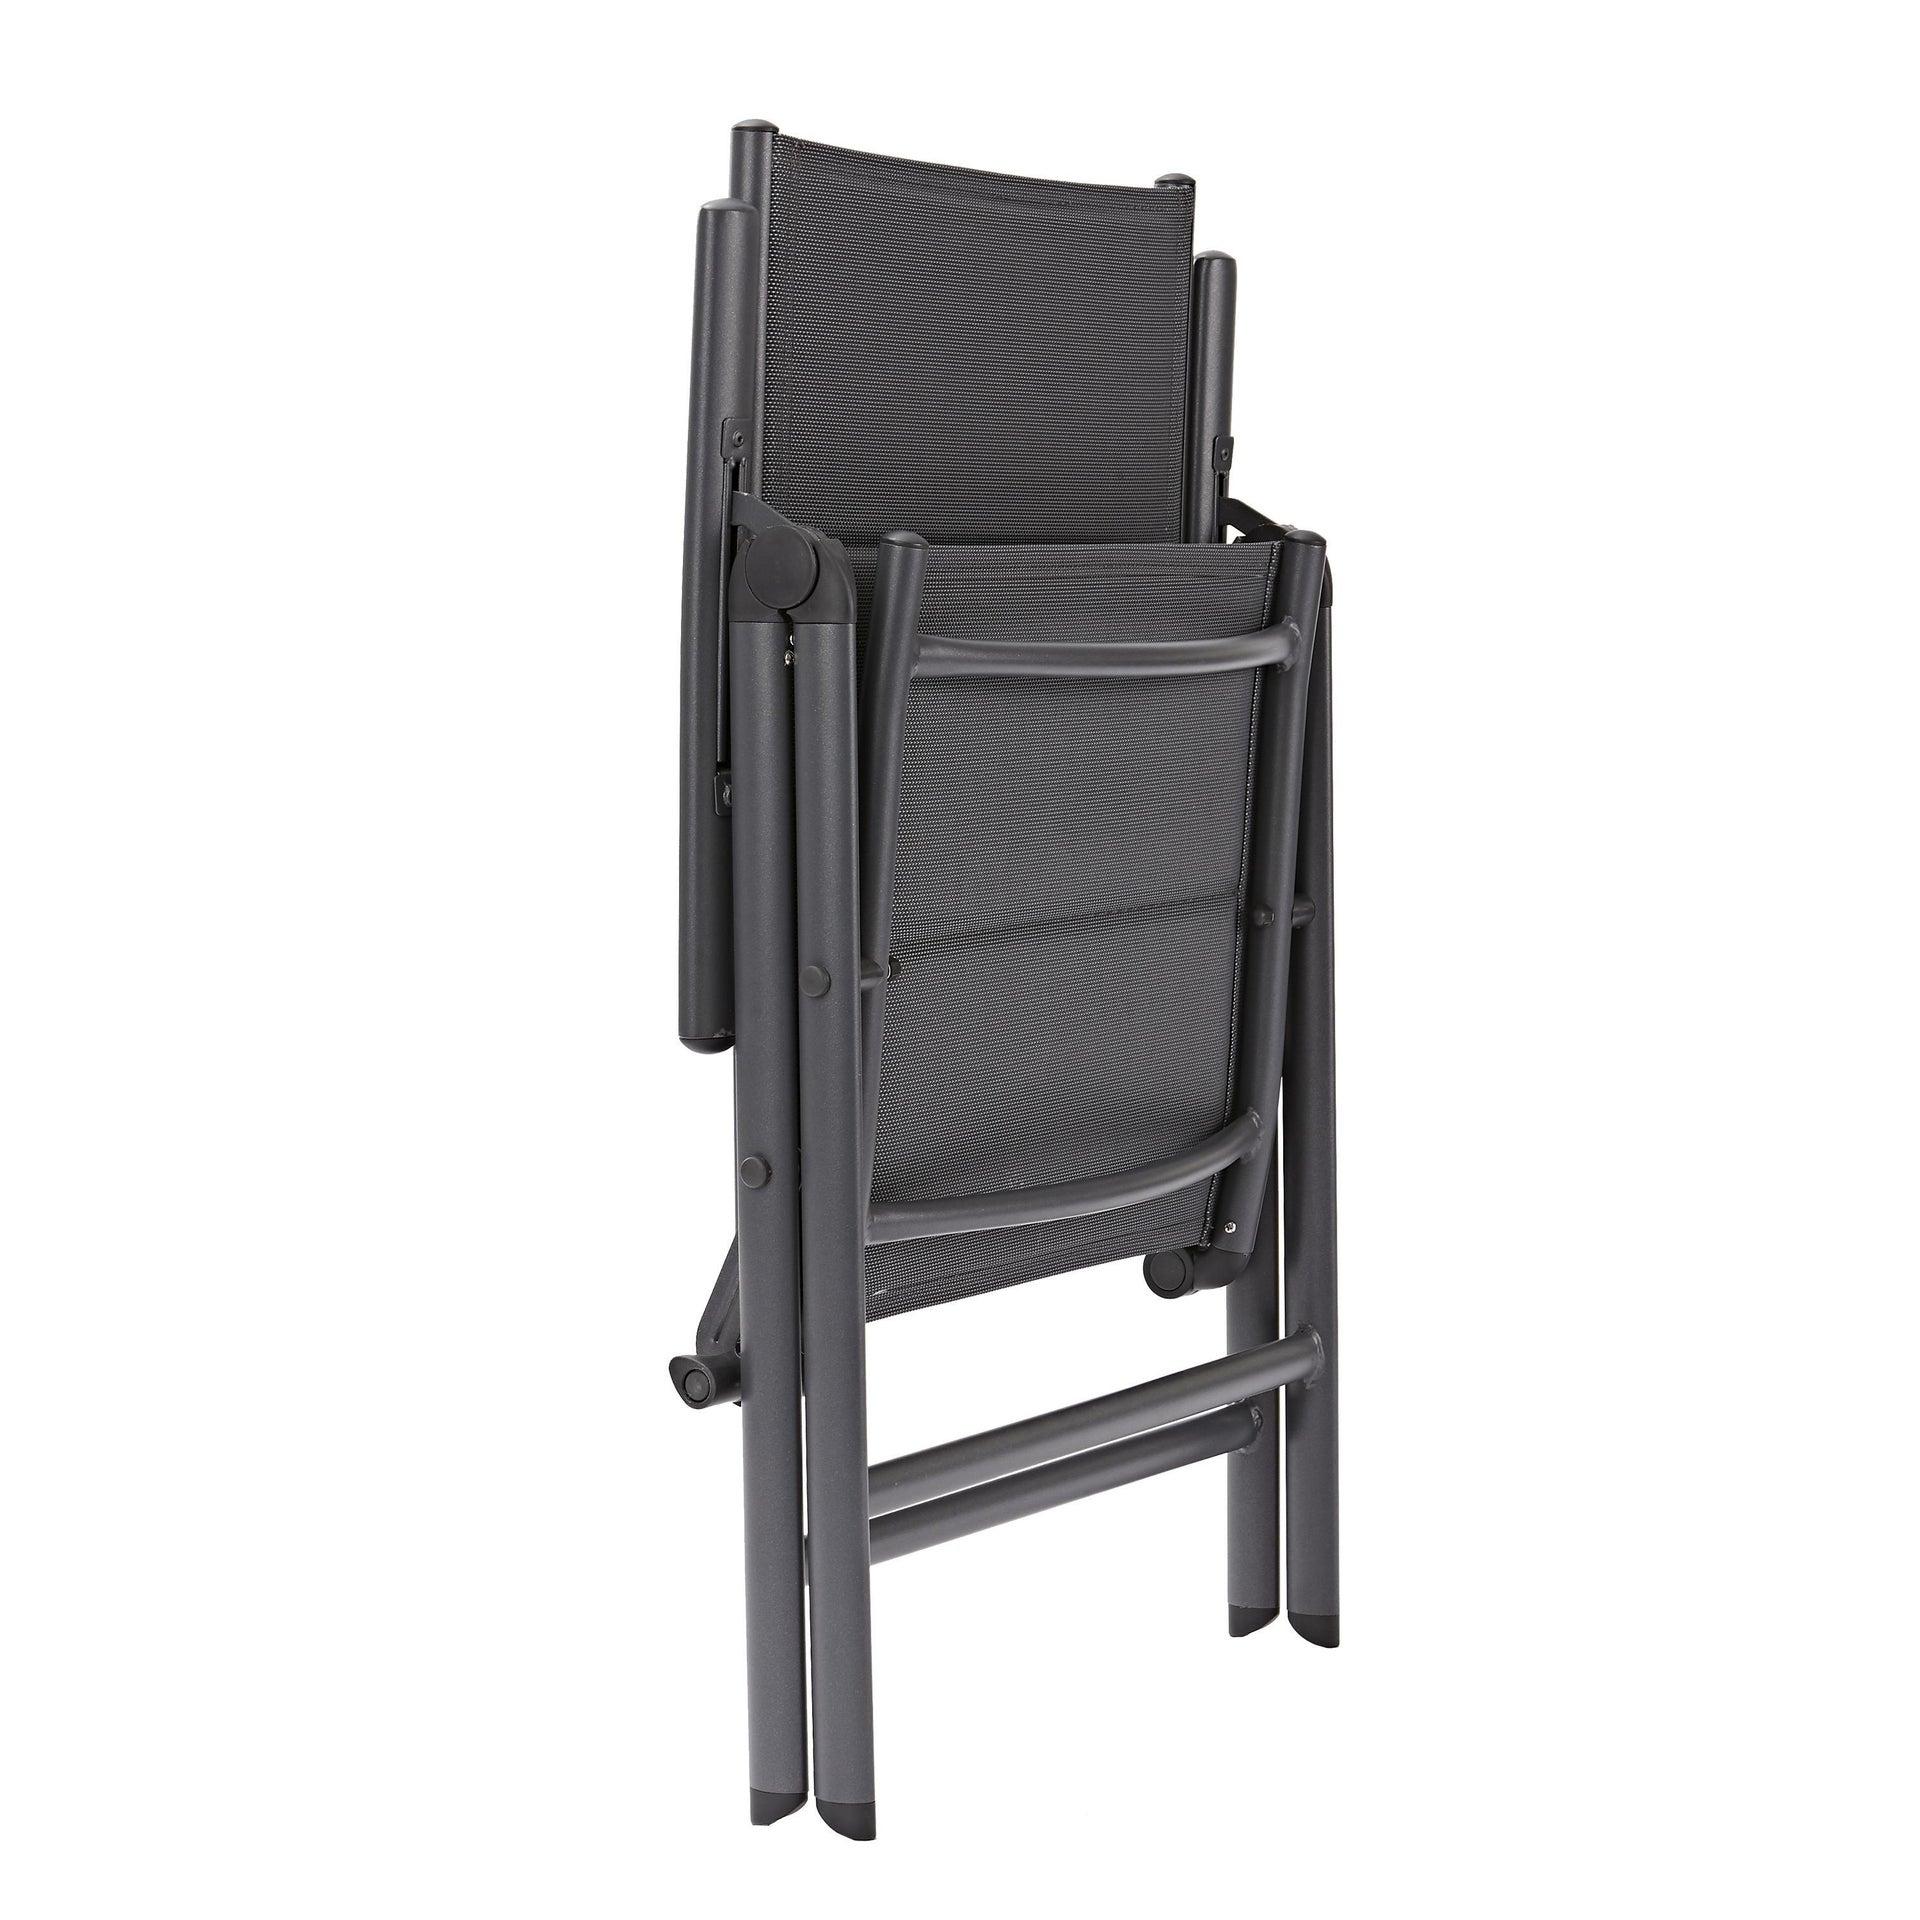 Sedia con braccioli senza cuscino pieghevole in alluminio Orion NATERIAL colore antracite - 11